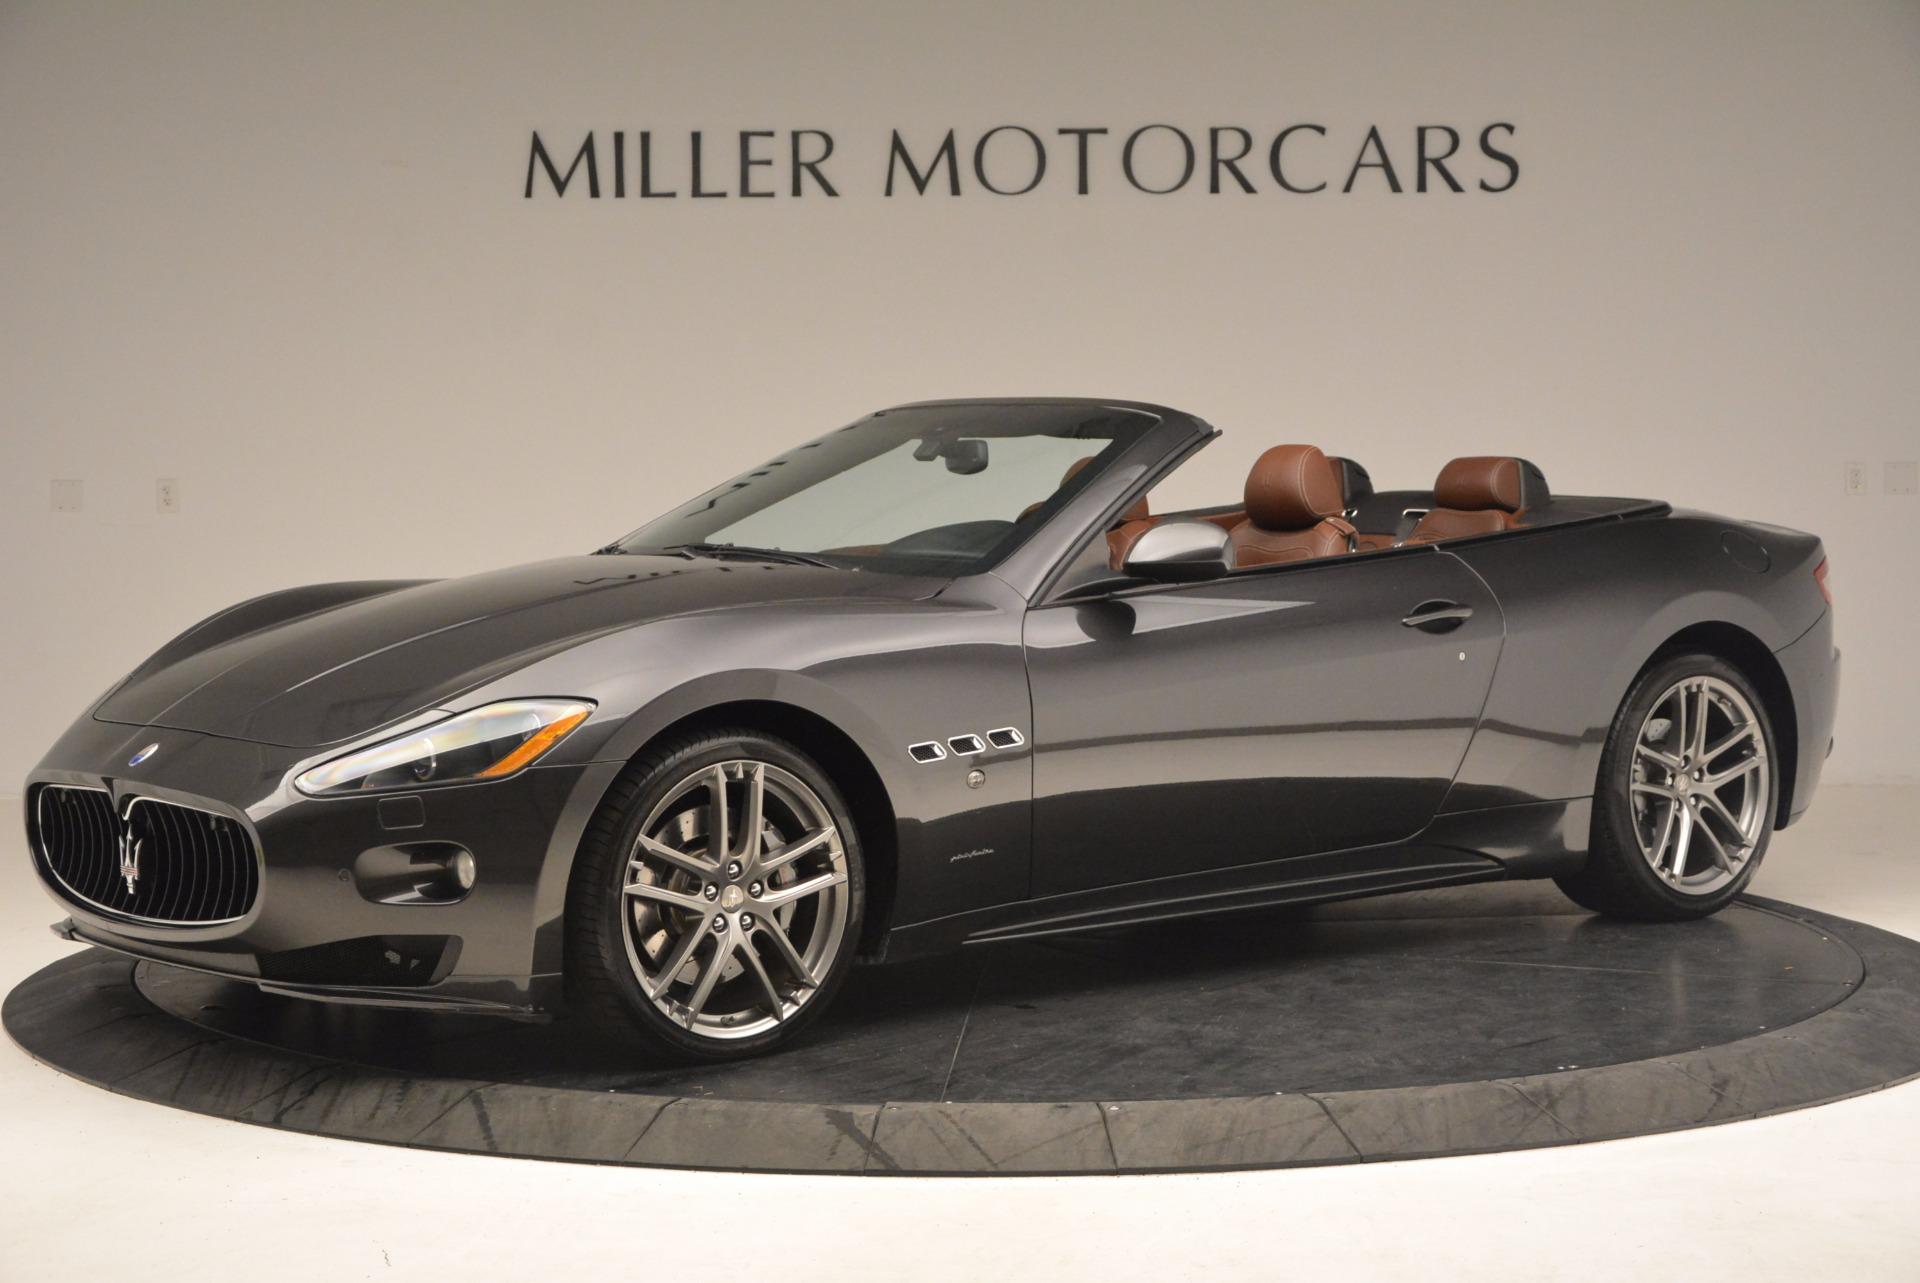 Used 2012 Maserati GranTurismo Sport For Sale In Greenwich, CT 1097_p2